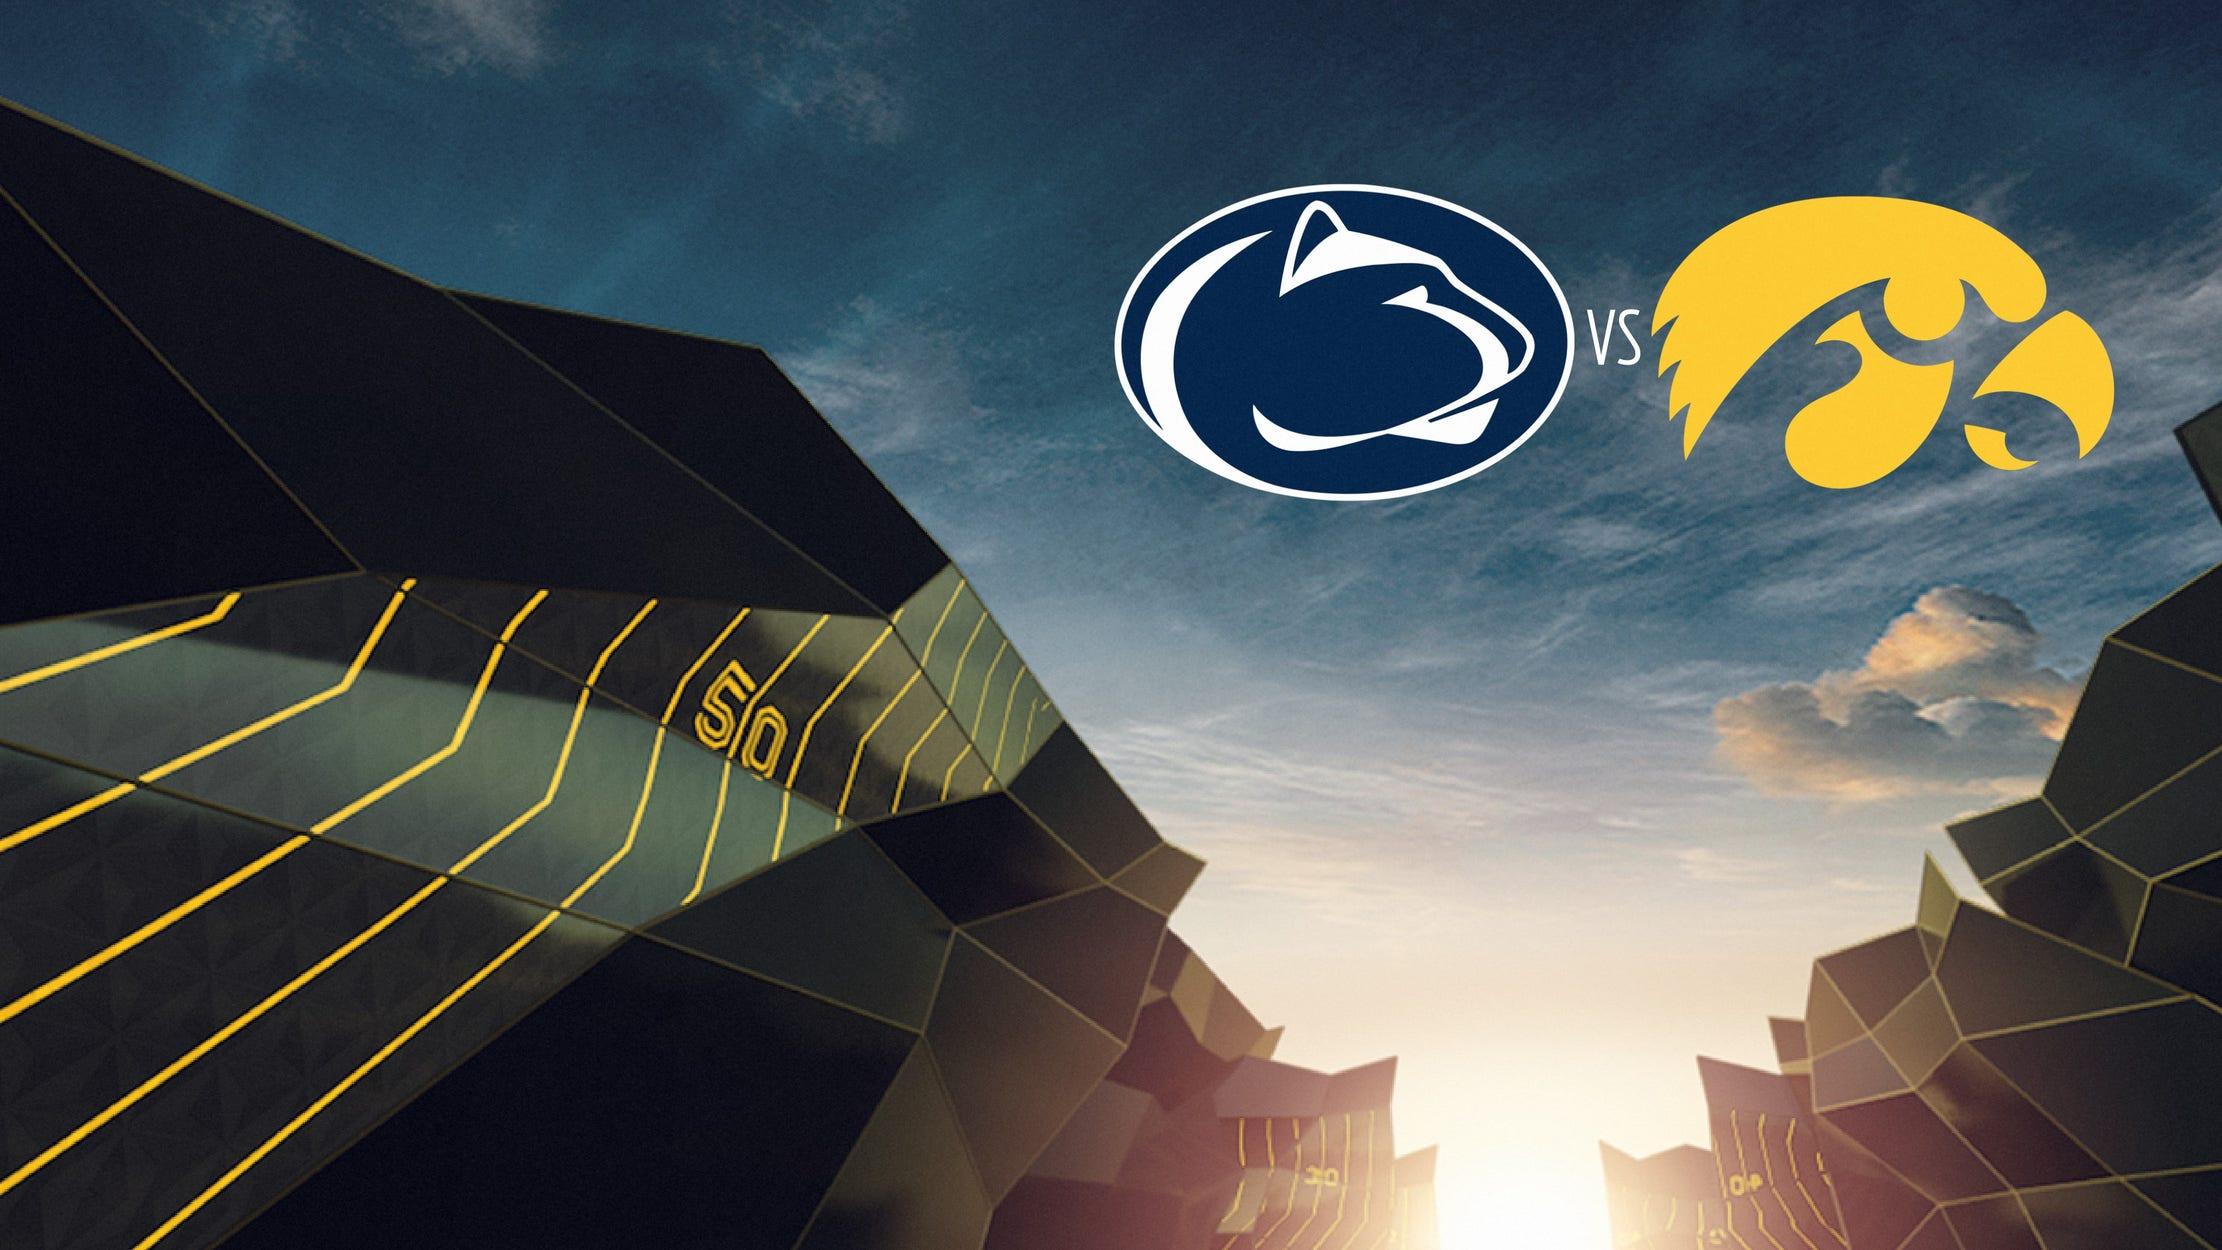 College Football - Penn St. At Iowa seriesDetail